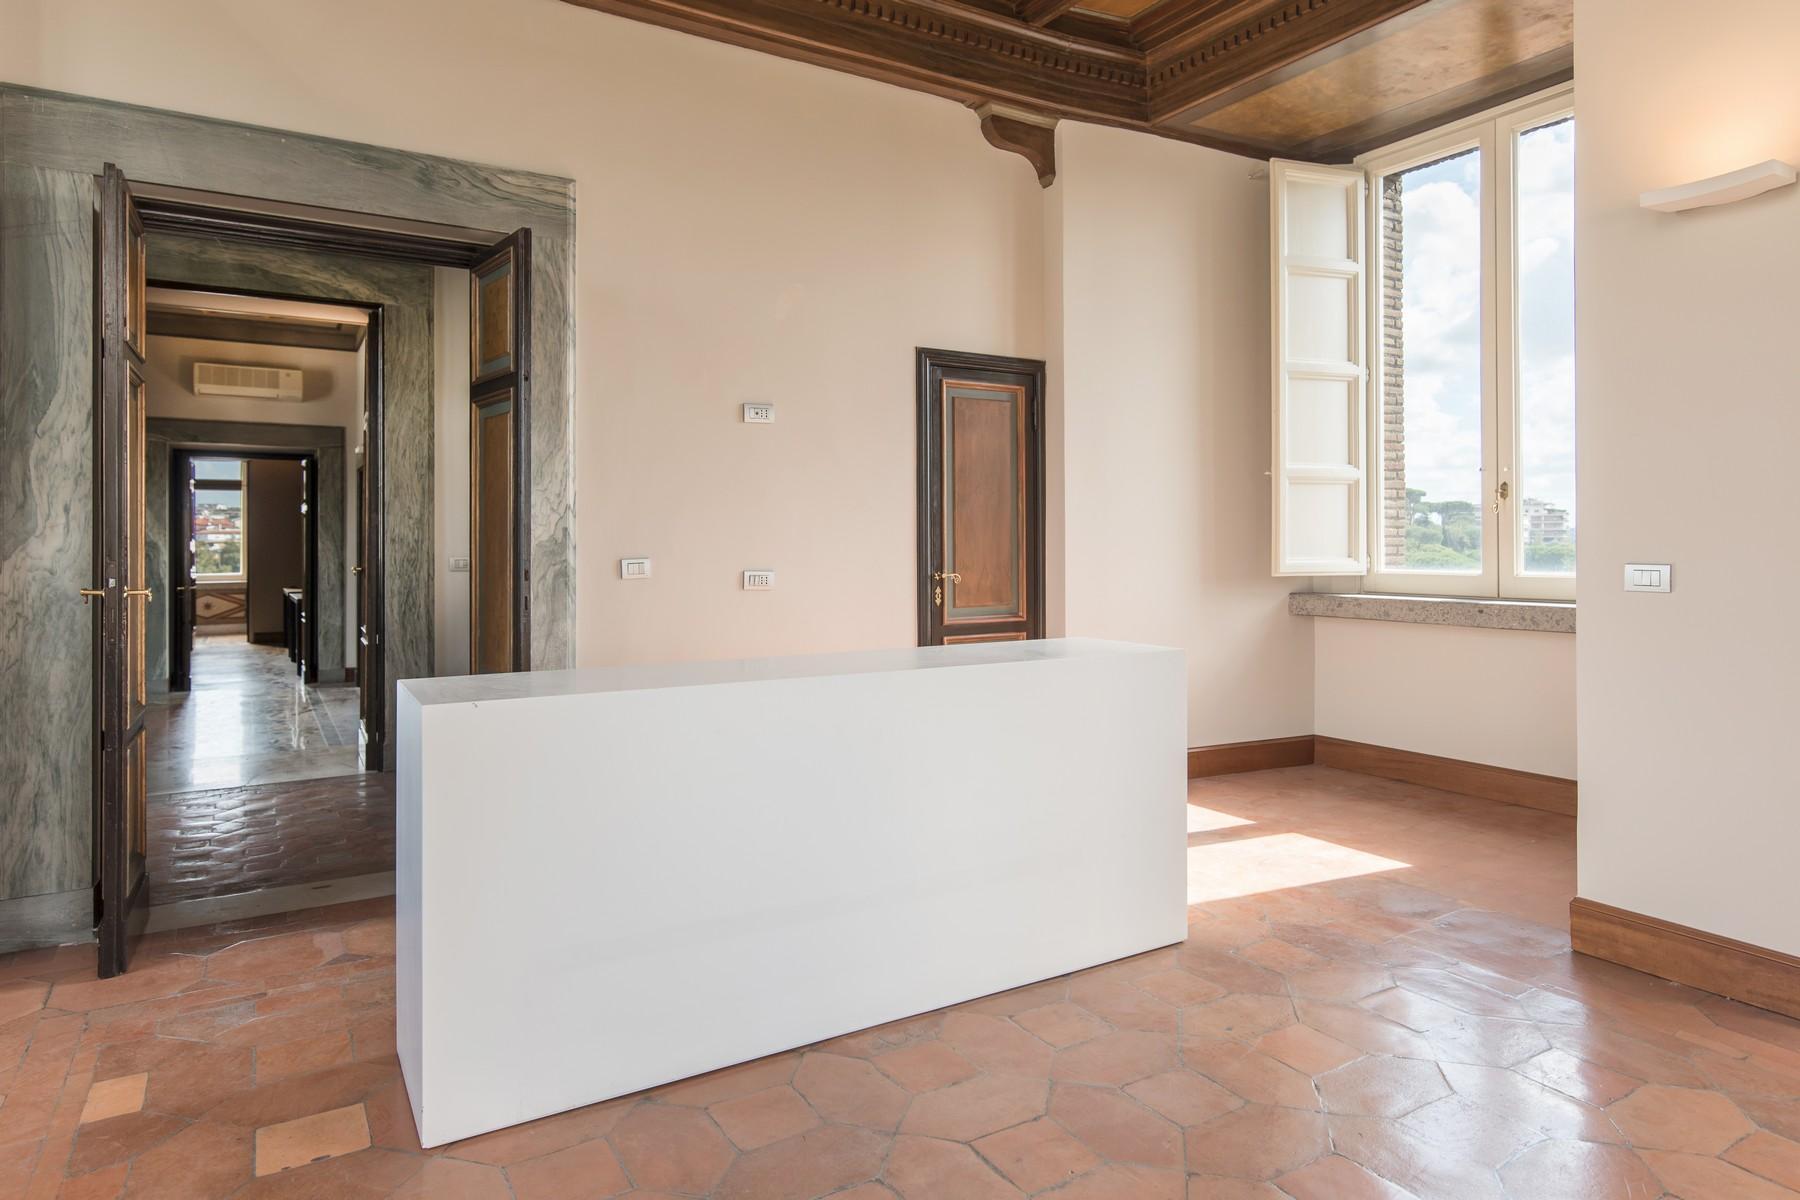 位于著名的Brasini别墅内的优雅的公寓 - 8